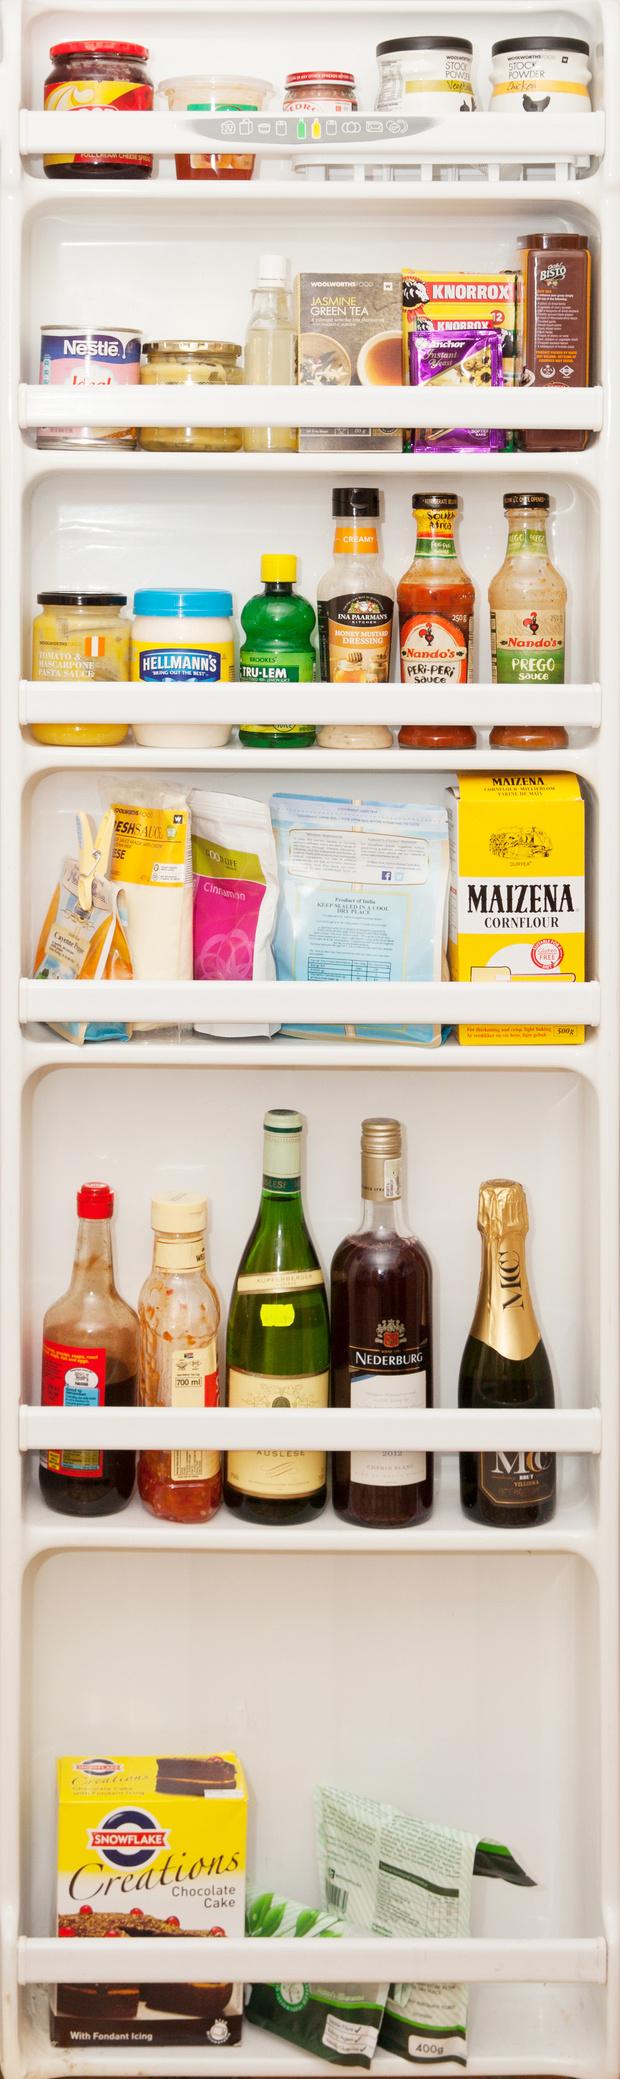 Фото №66 - Что лежит в холодильнике у жителей разных стран: 54 любознательных фото